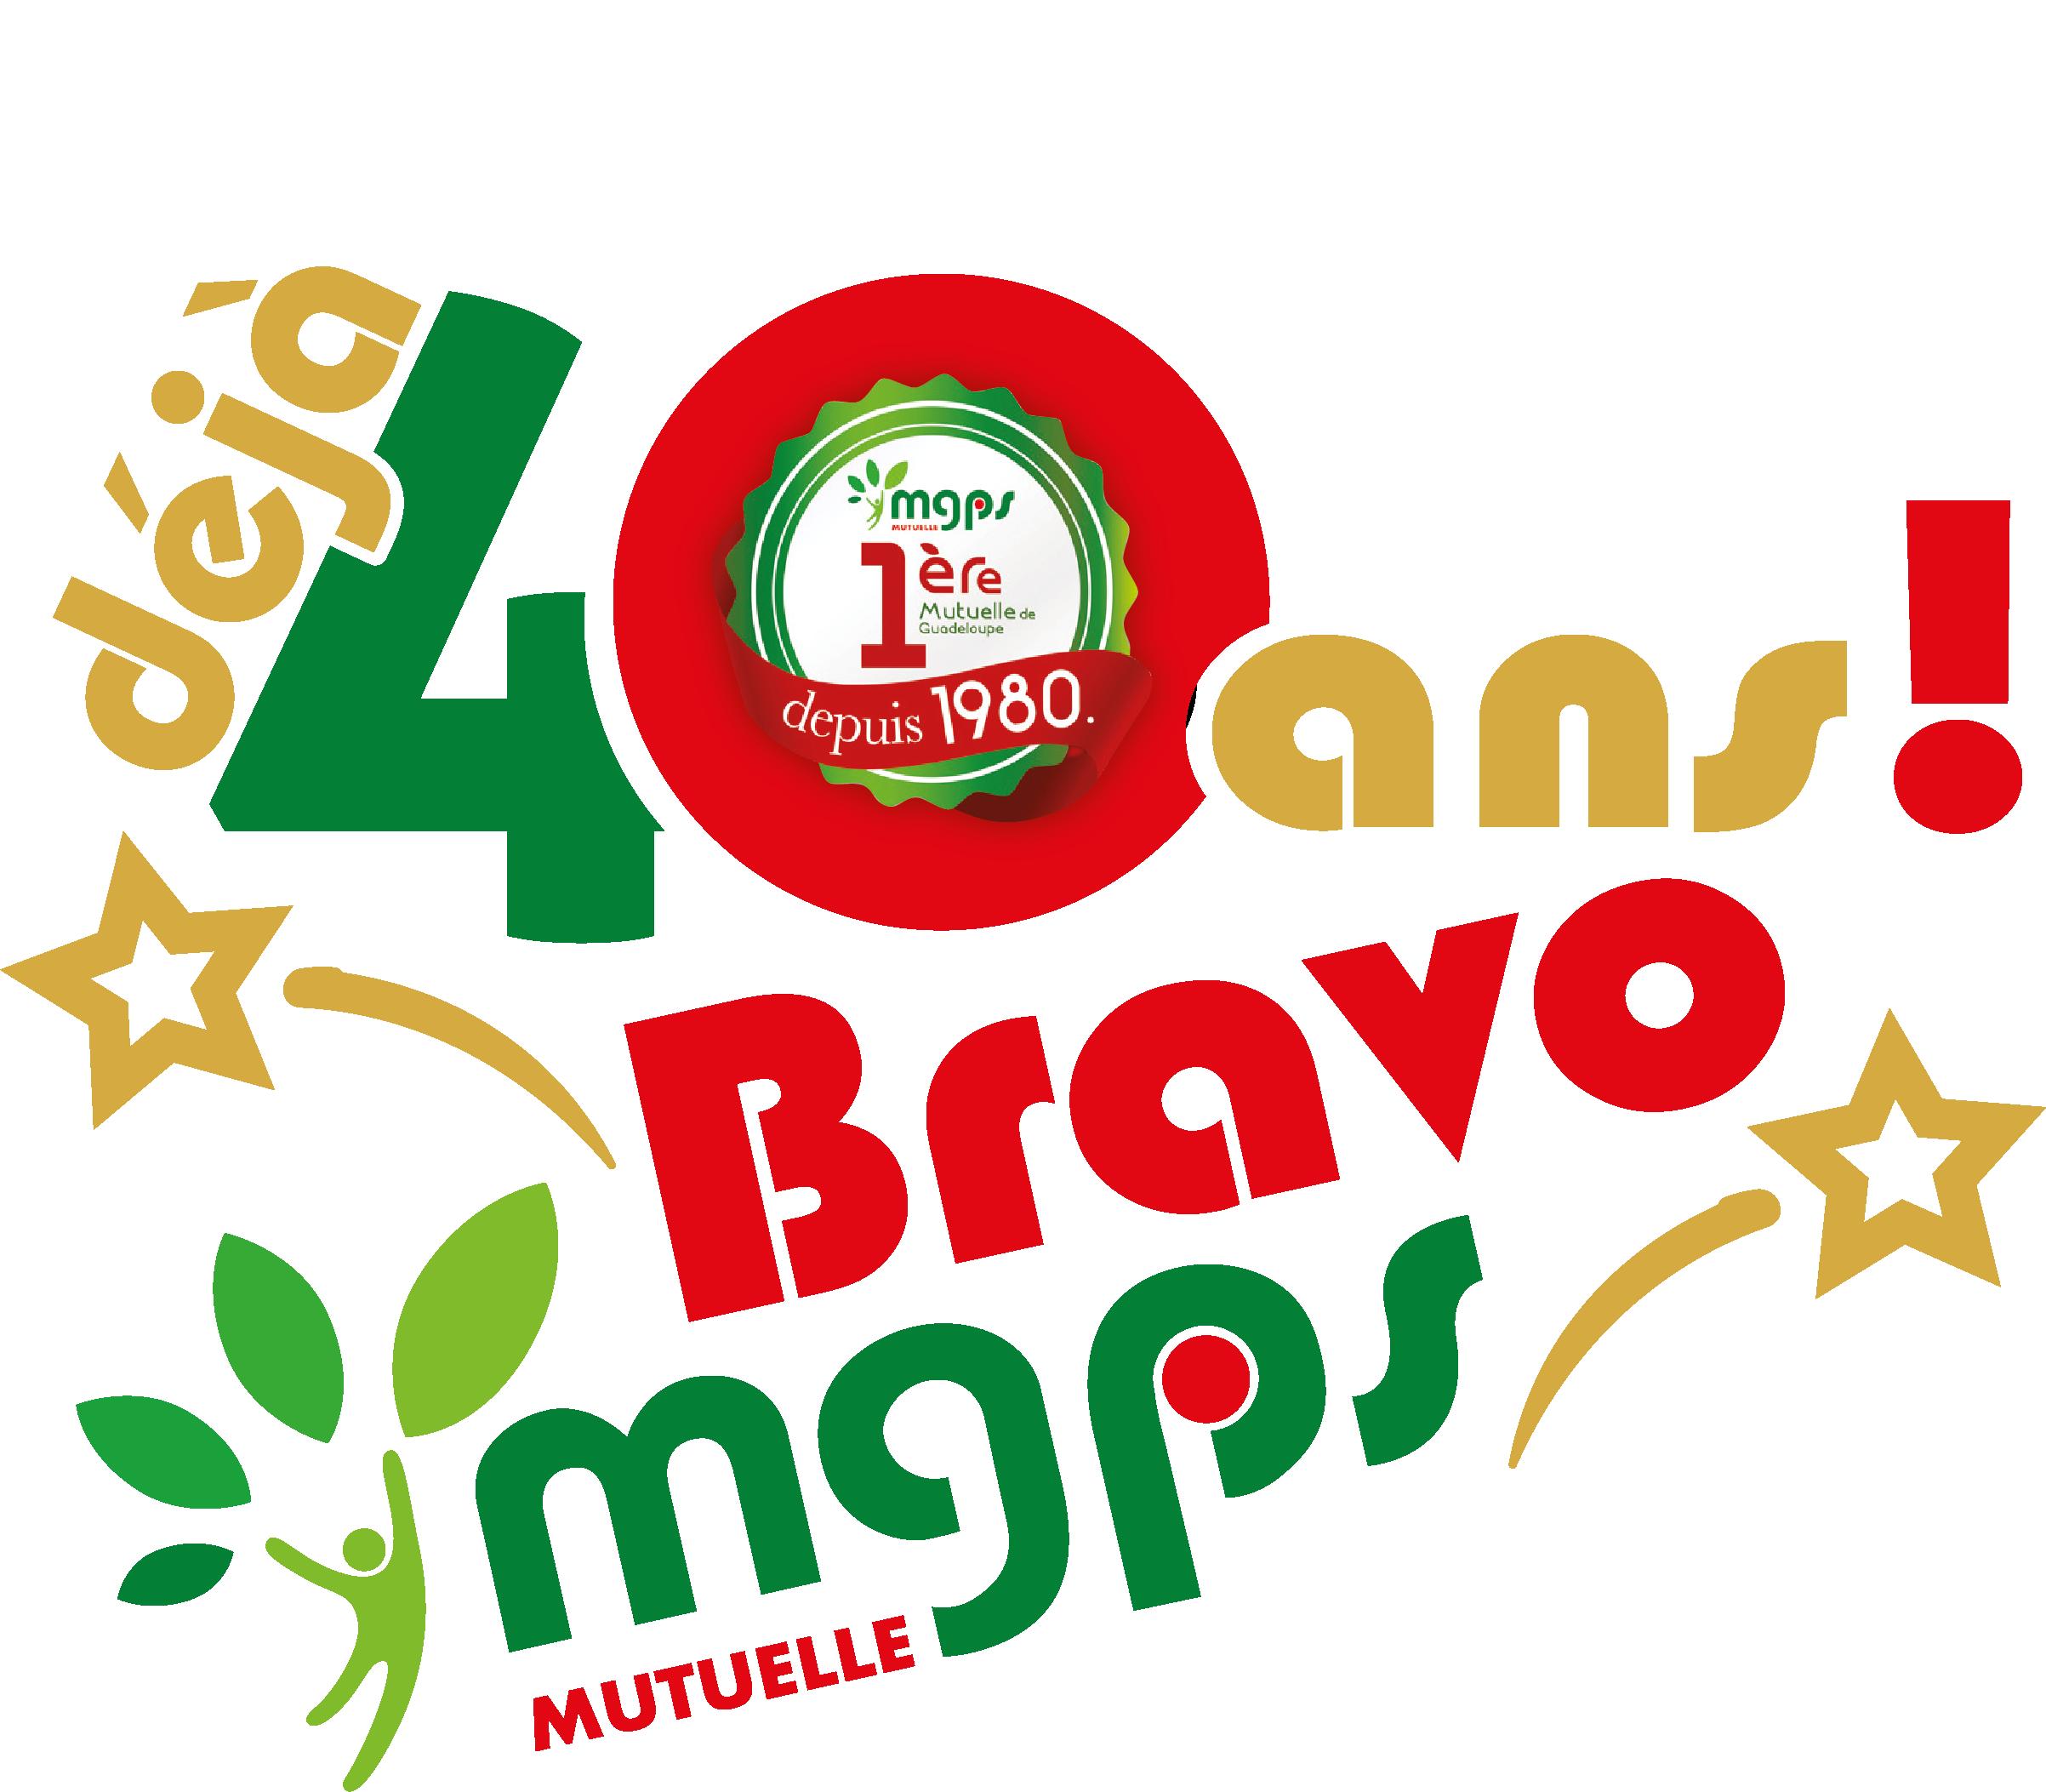 logo - mgps 40 ans